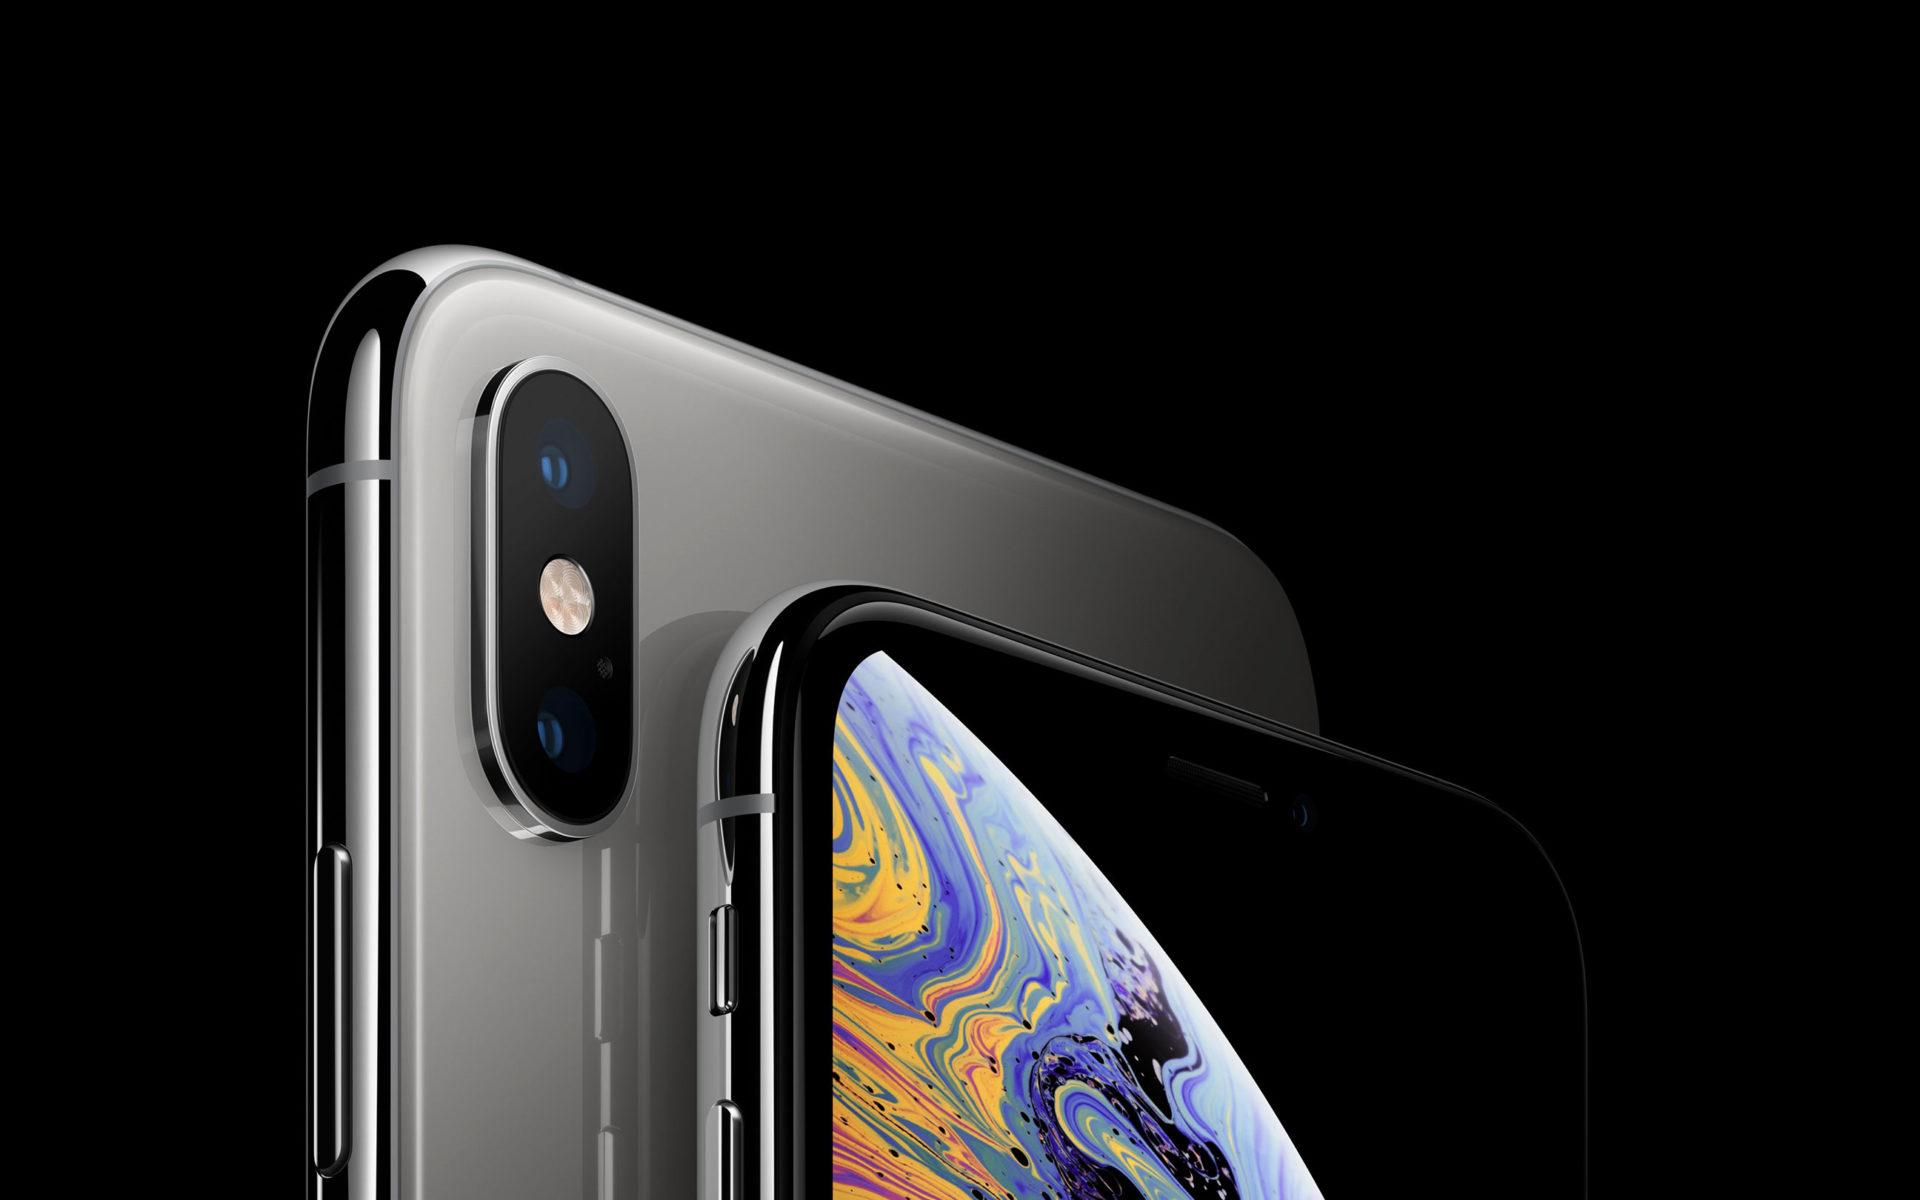 Пользователи iPhone XS жалуются на плохую скорость интернета - фото 1 | Сервисный центр Total Apple